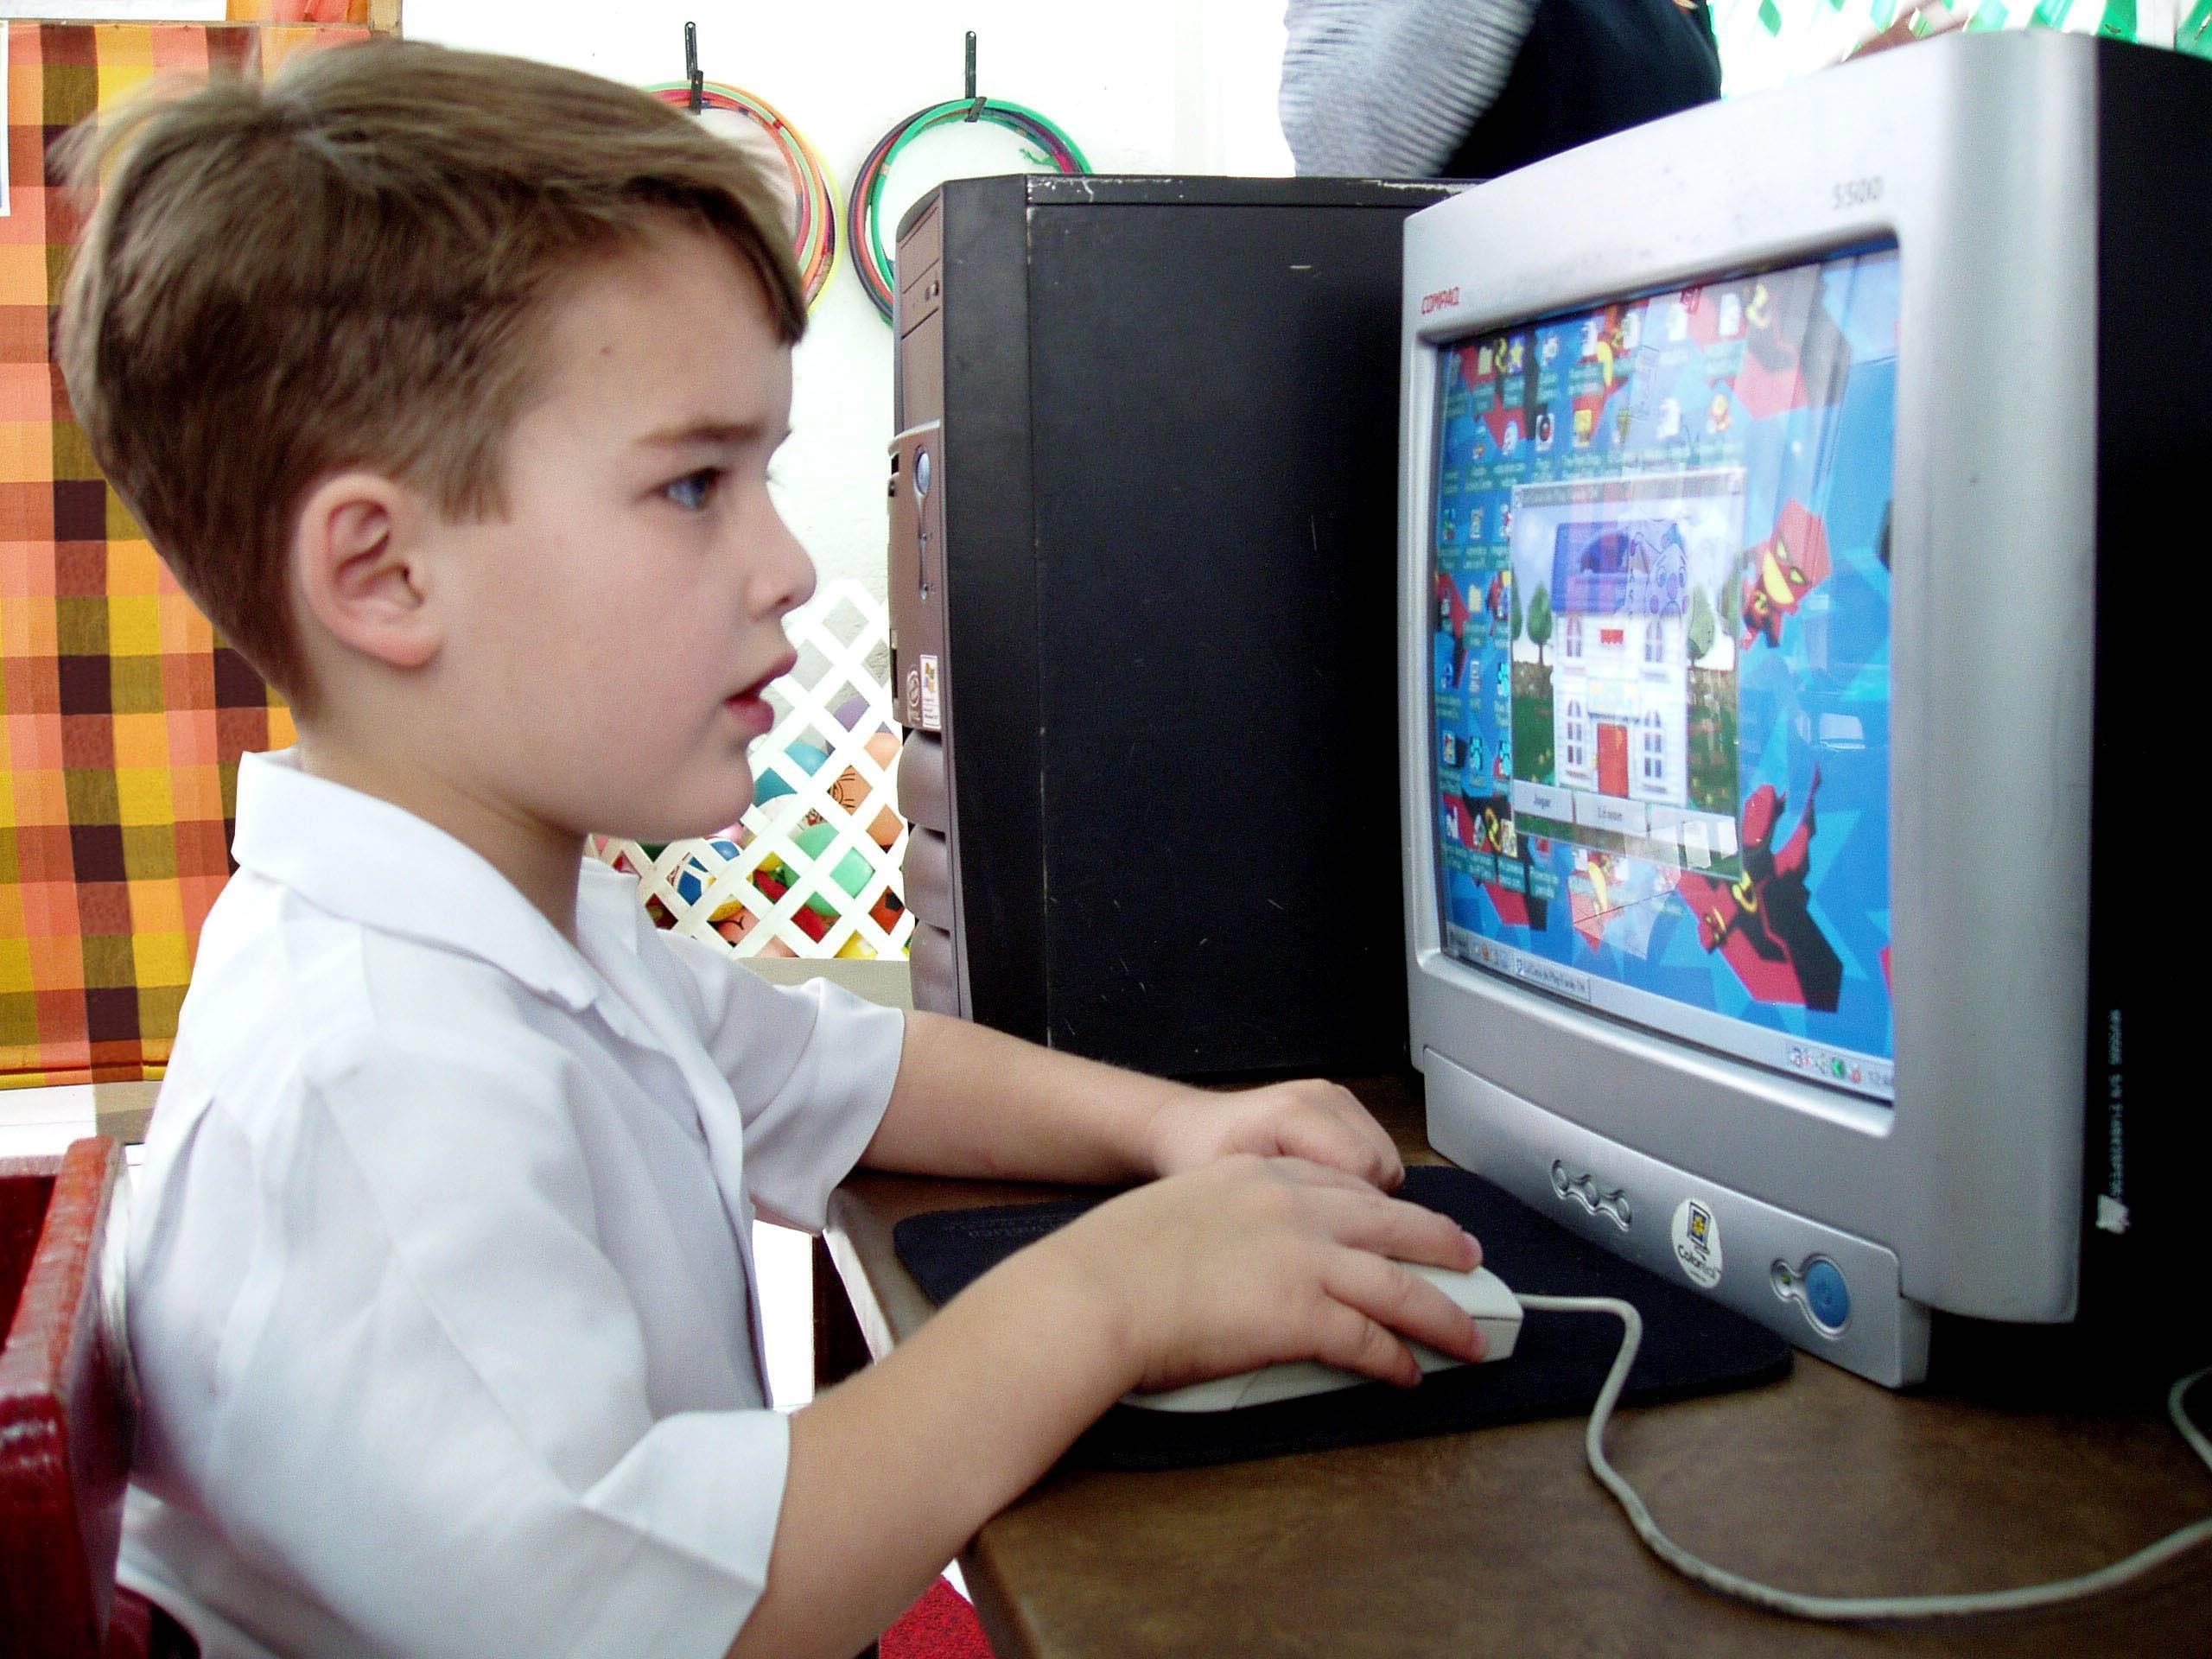 Вред и польза компьютера в жизни ребенка